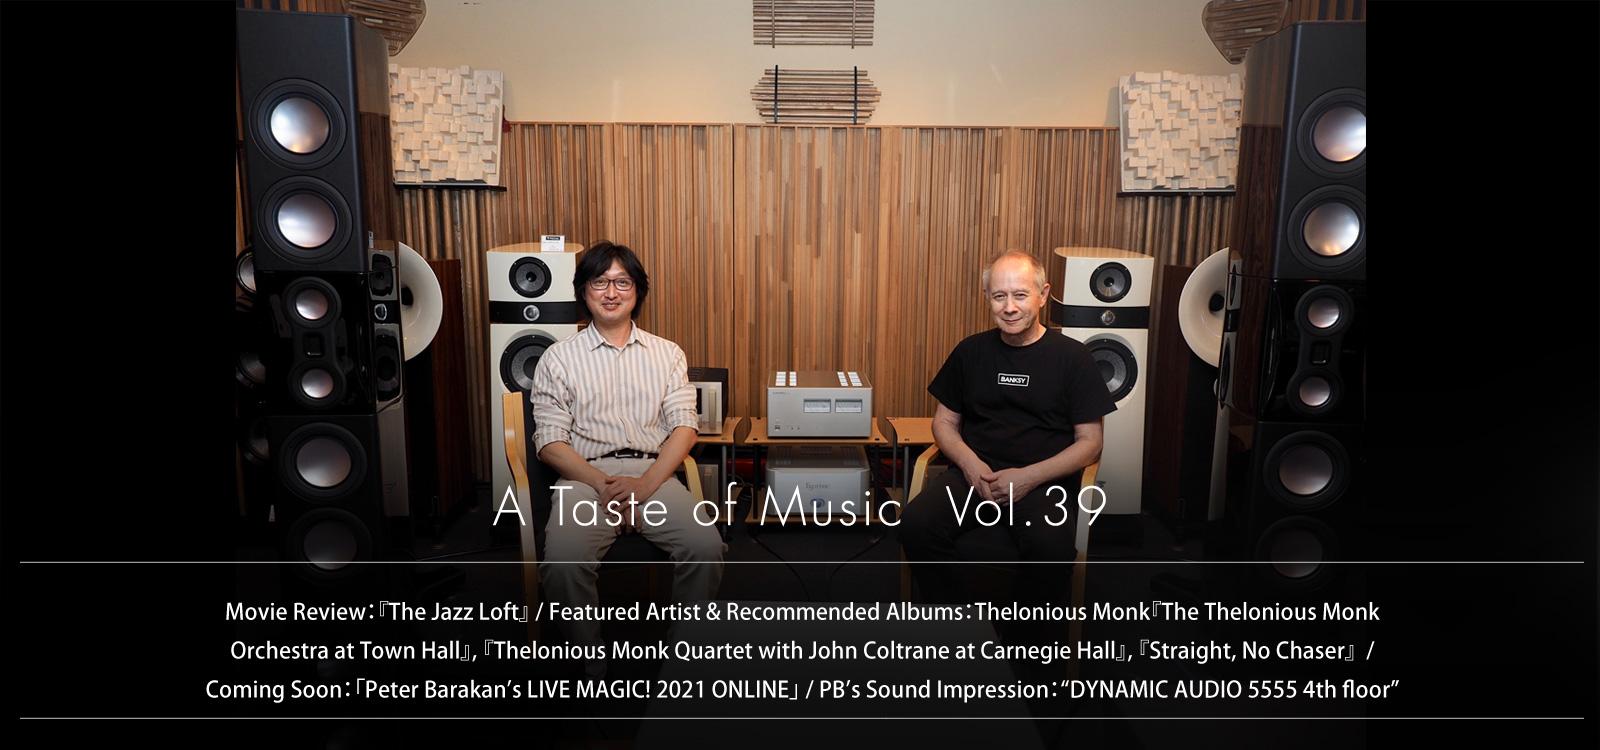 slider image A Taste of Music Vol.39